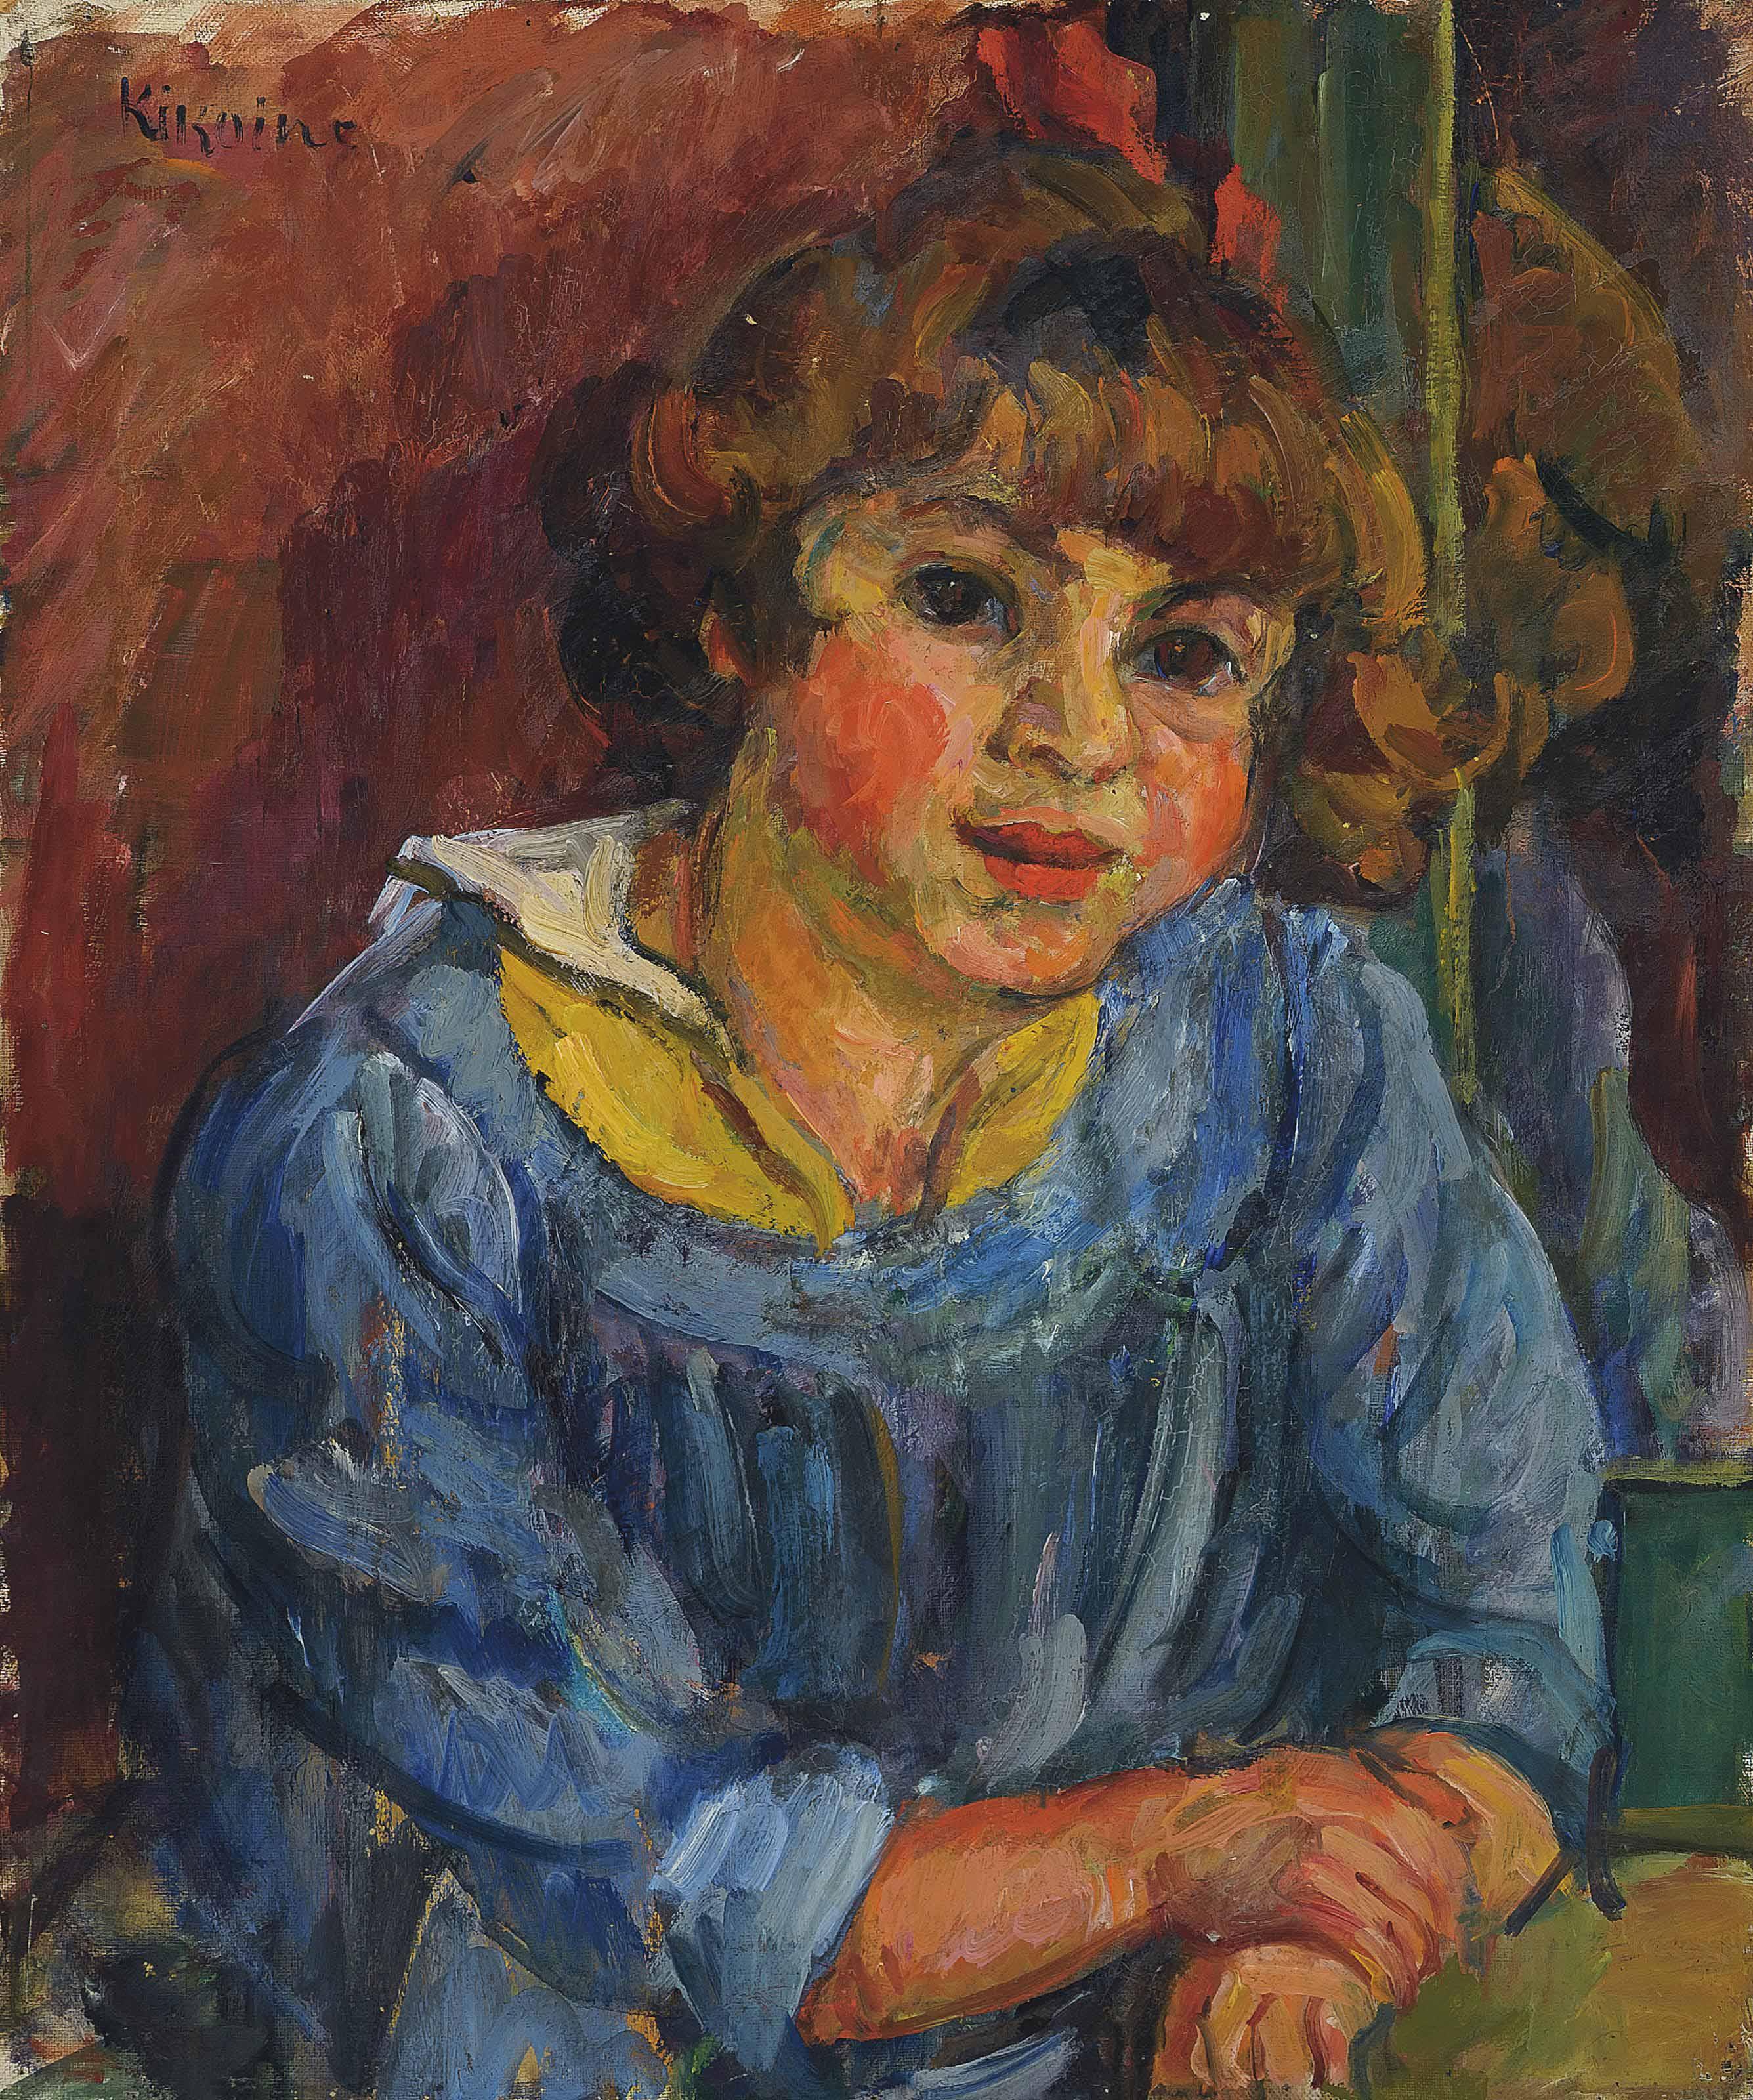 Portrait du fils de l'artiste, Jacques Kikoine